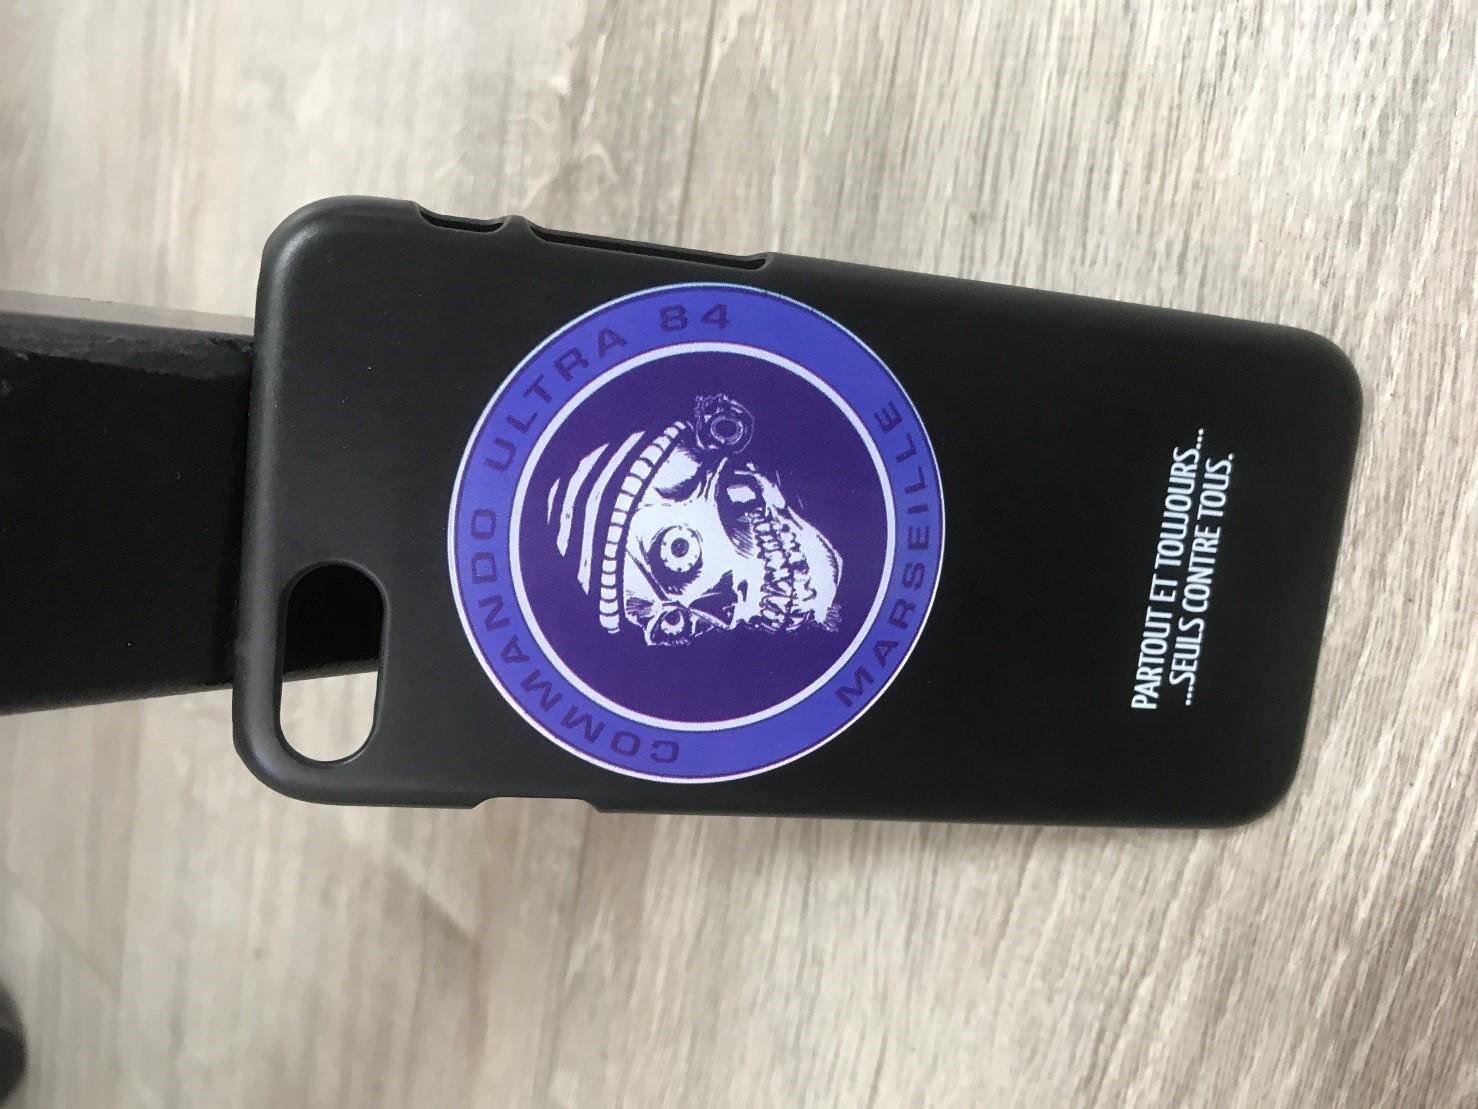 Protéger son smartphone grâce à une coque personnalisée